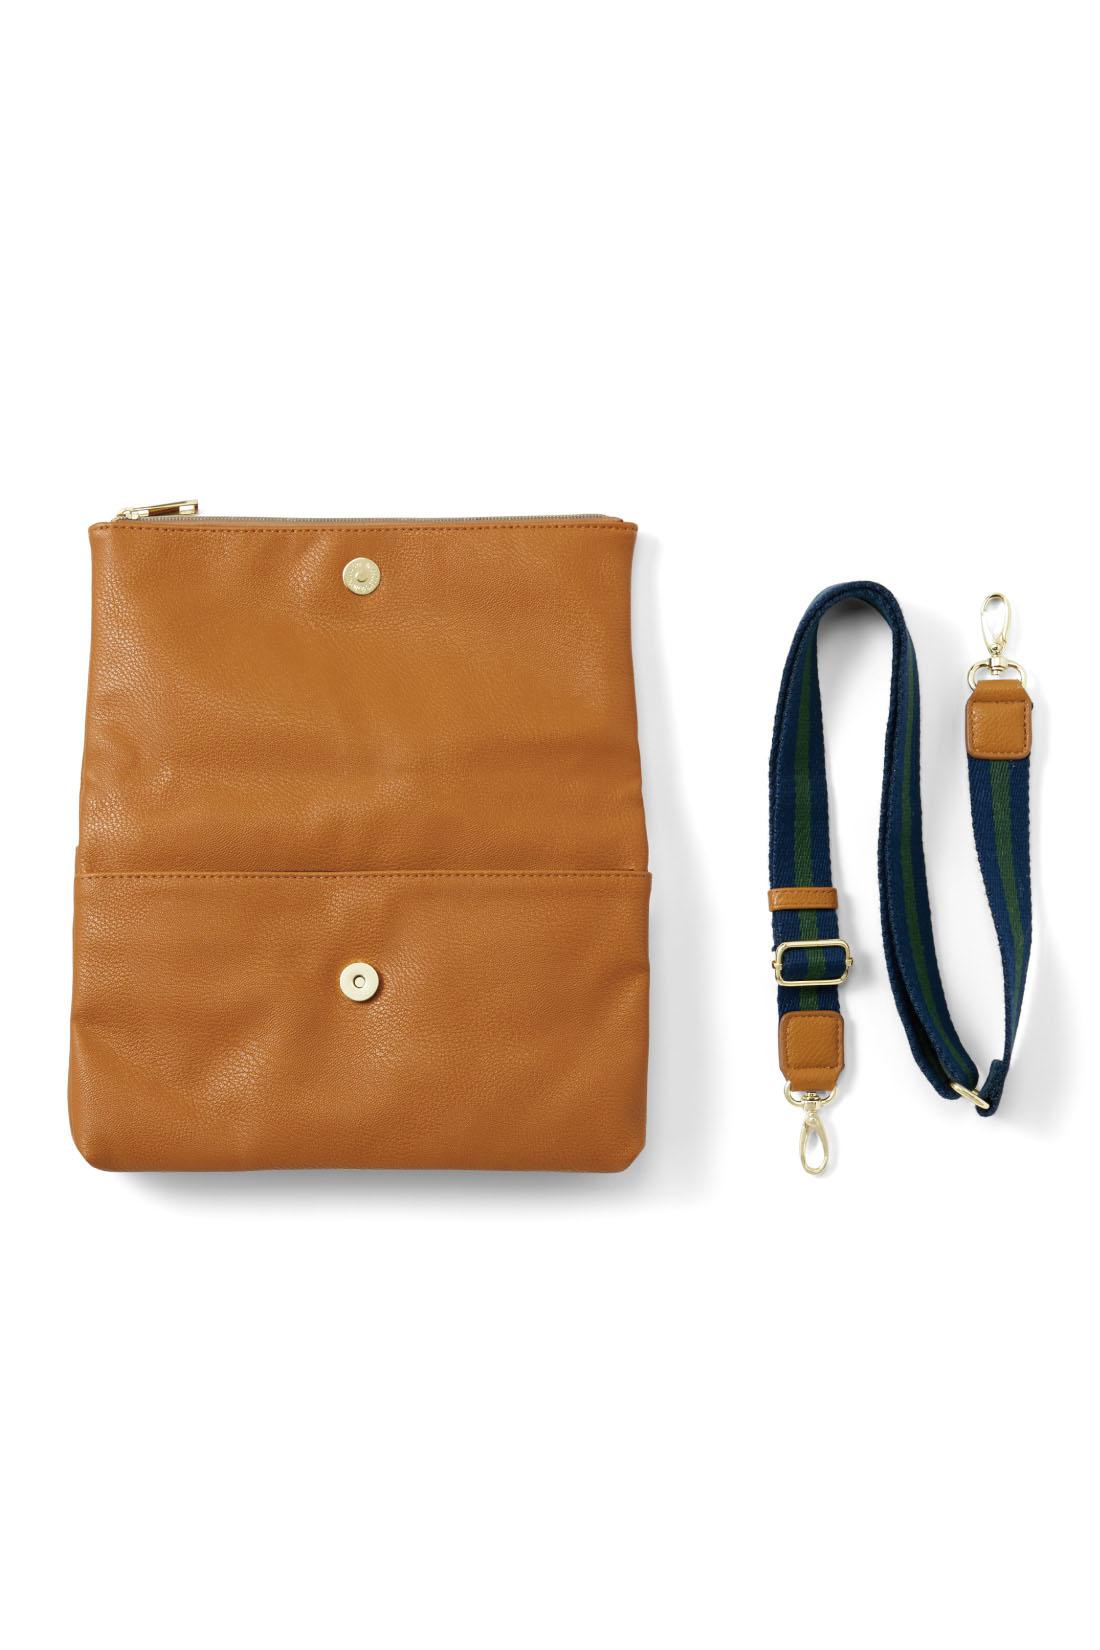 スマートに持てて長財布もすっぽり収まるうれしいサイズ感。ショルダーを外してバッグインバッグにしても。